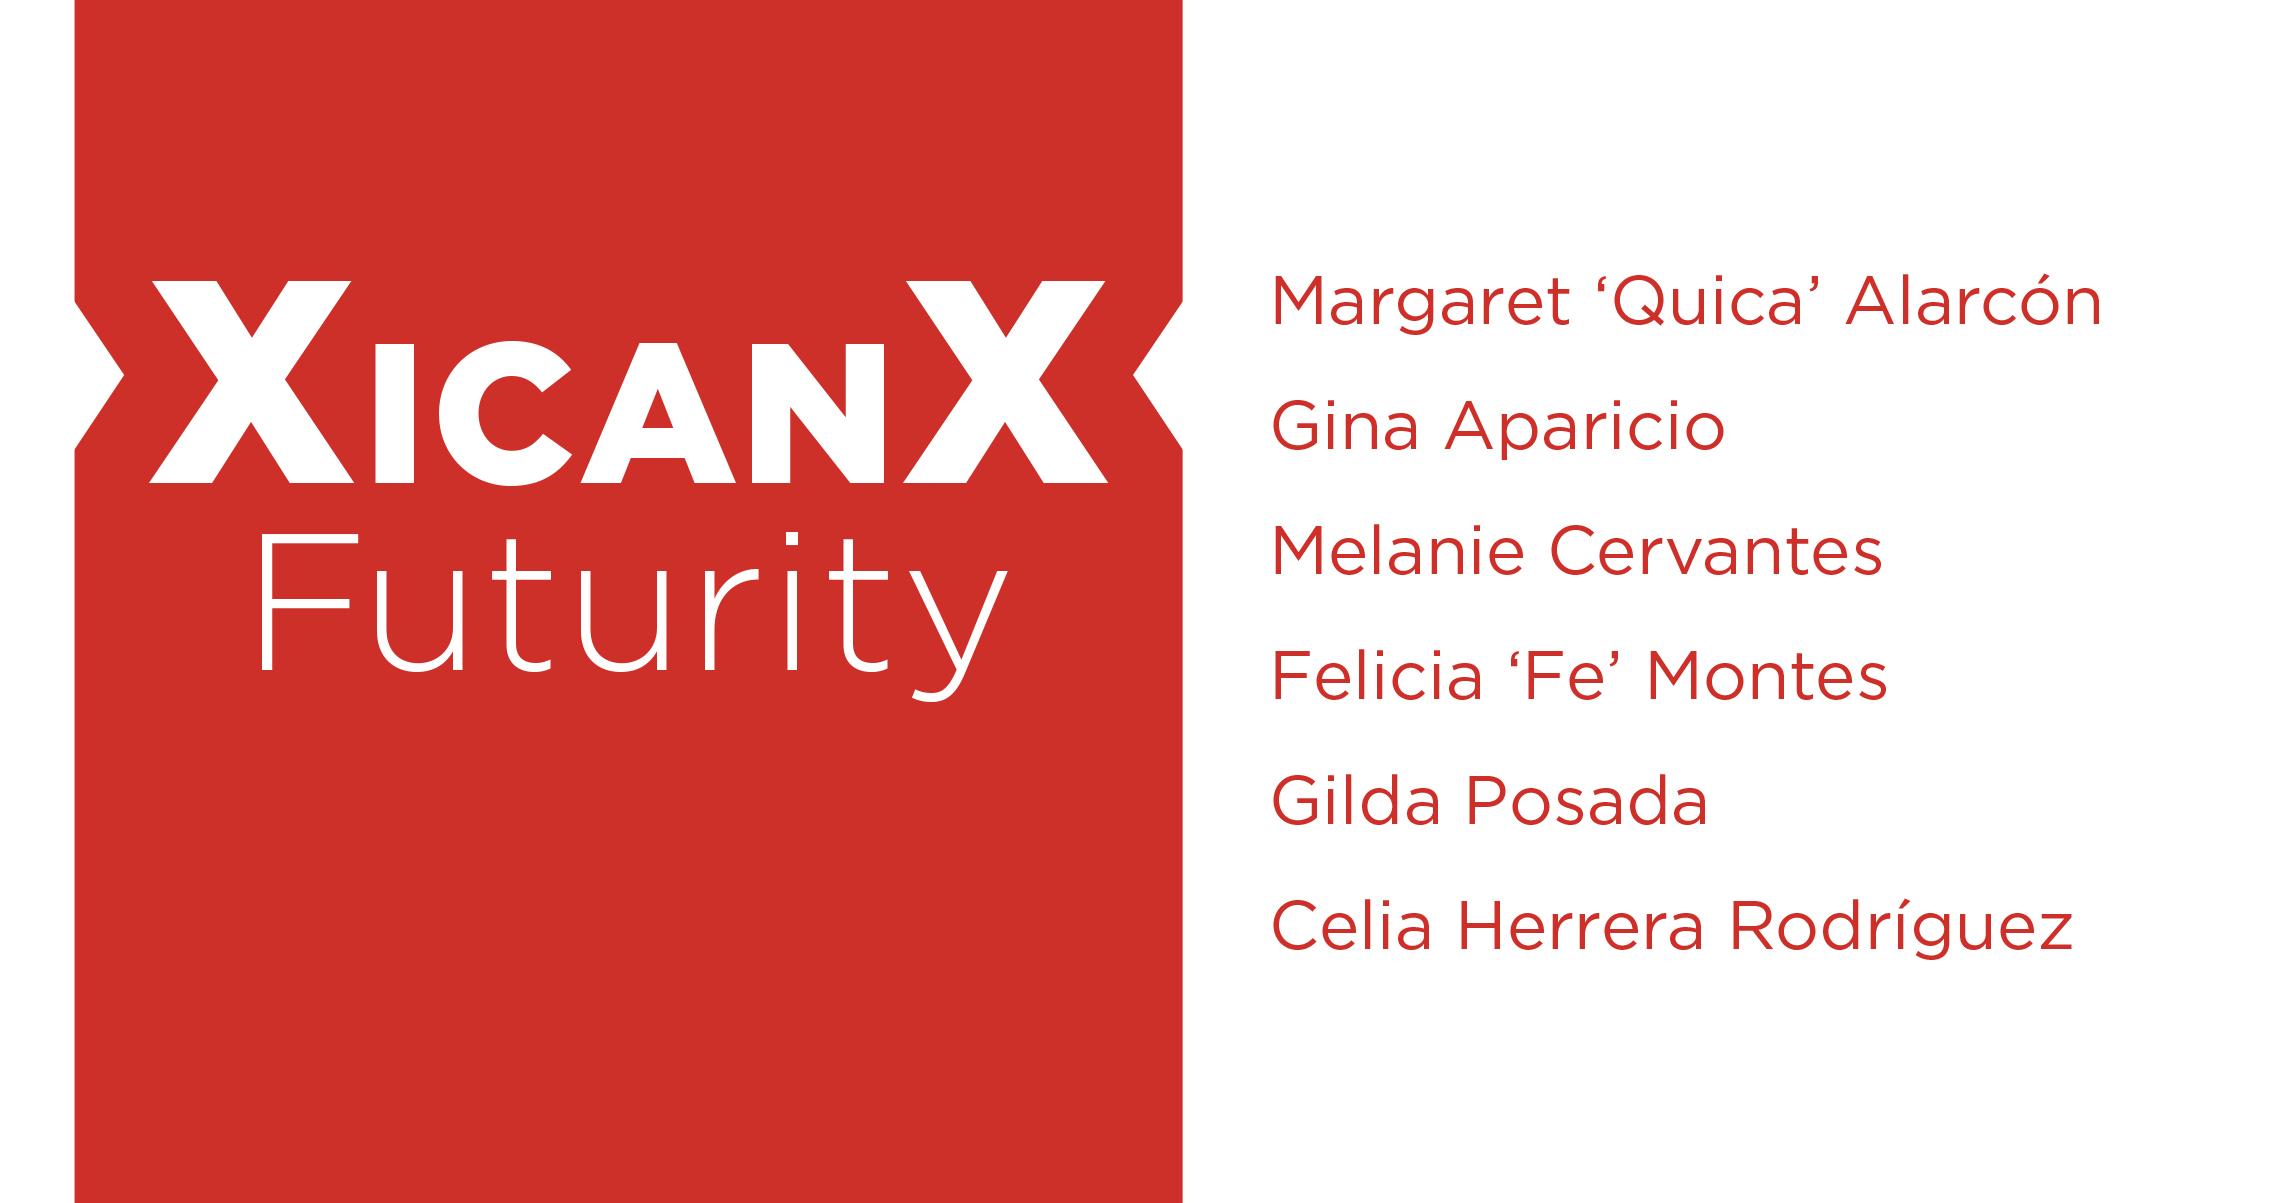 xicanx-invite(.jpg